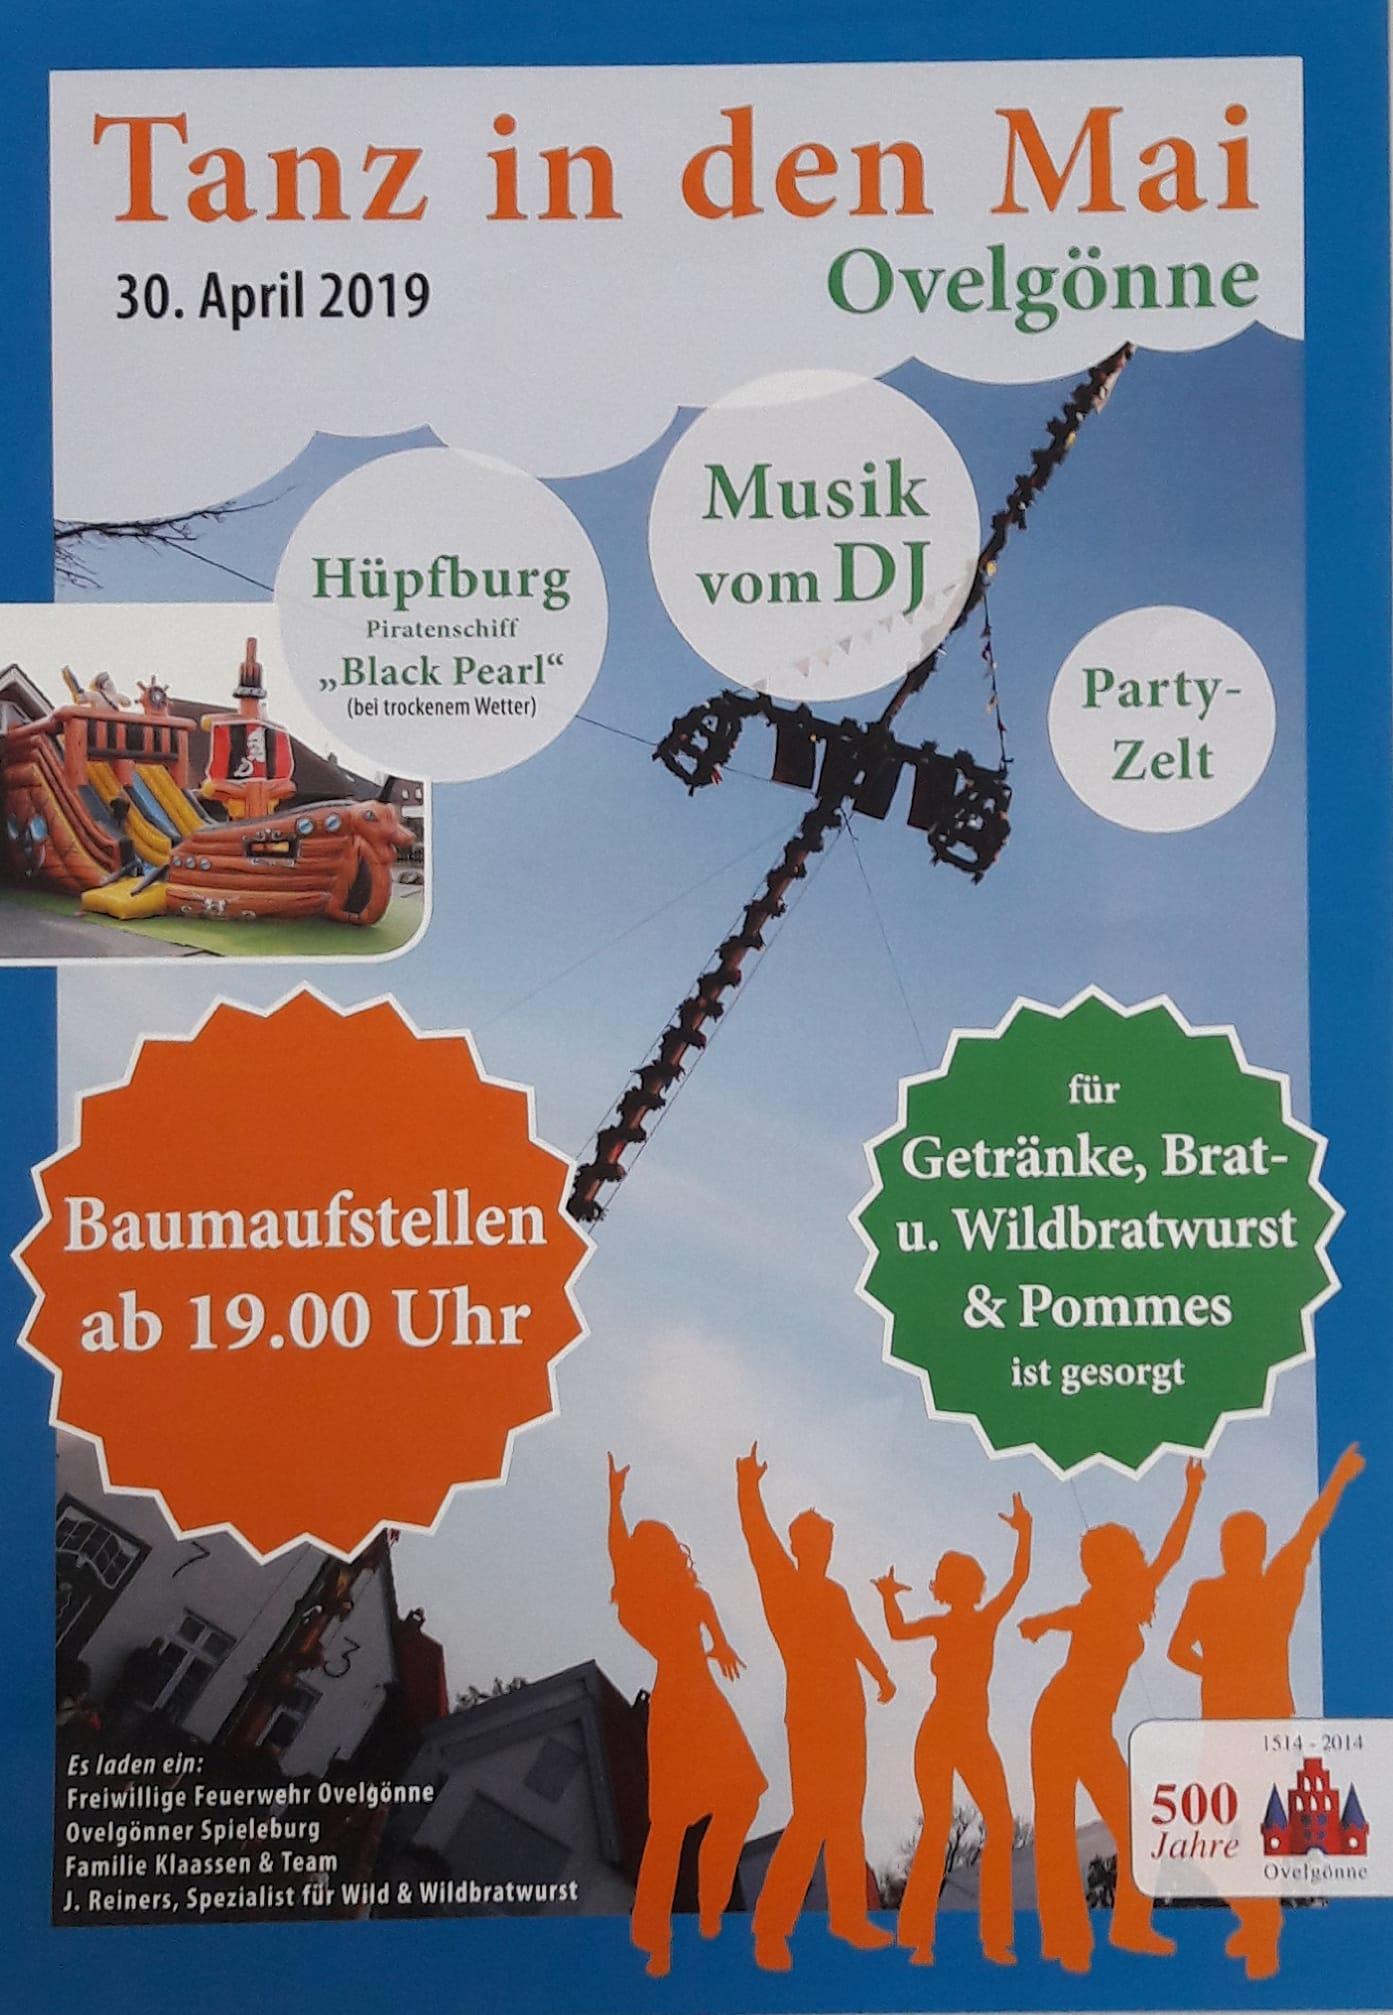 Tanz In Den Mai Lübeck 2021